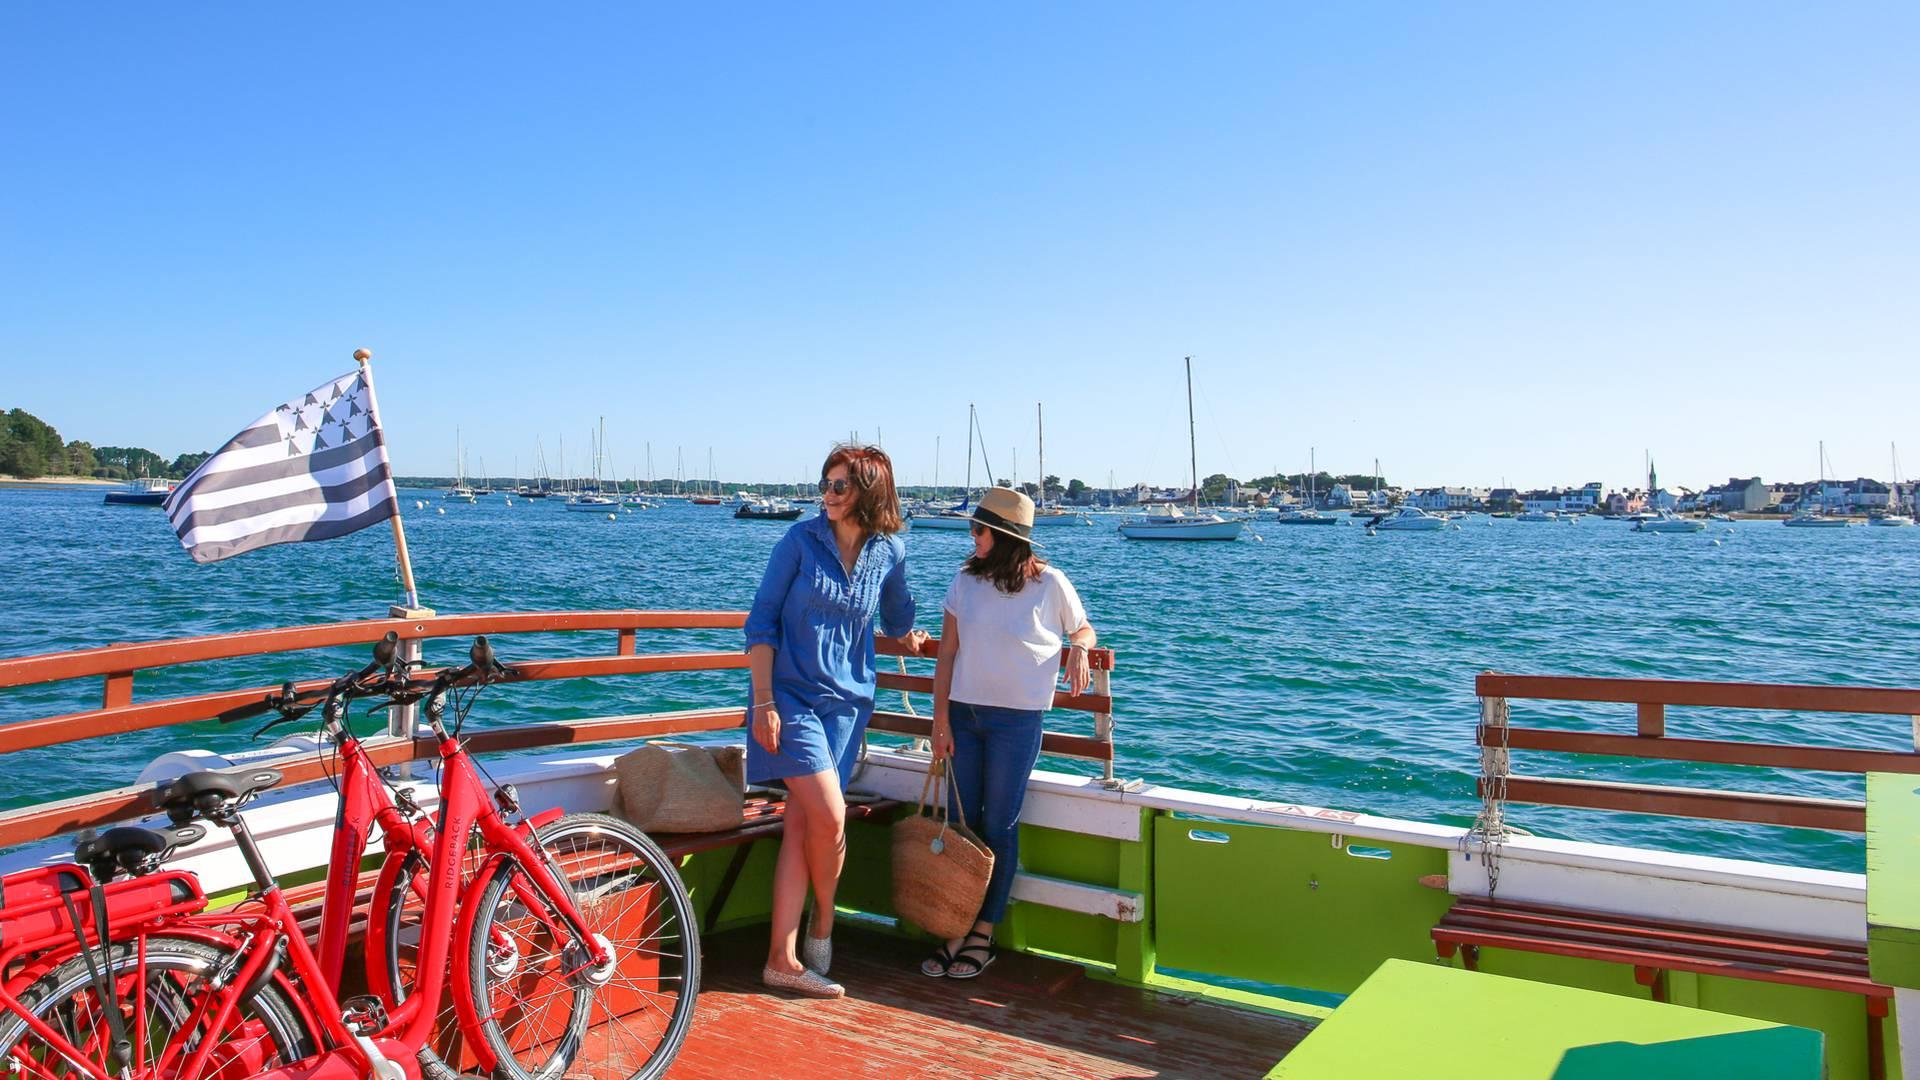 Que faire, que visiter à l'ïle-Tudy ? Départ en bateau depuis le port - Île-Tudy © E Cléret